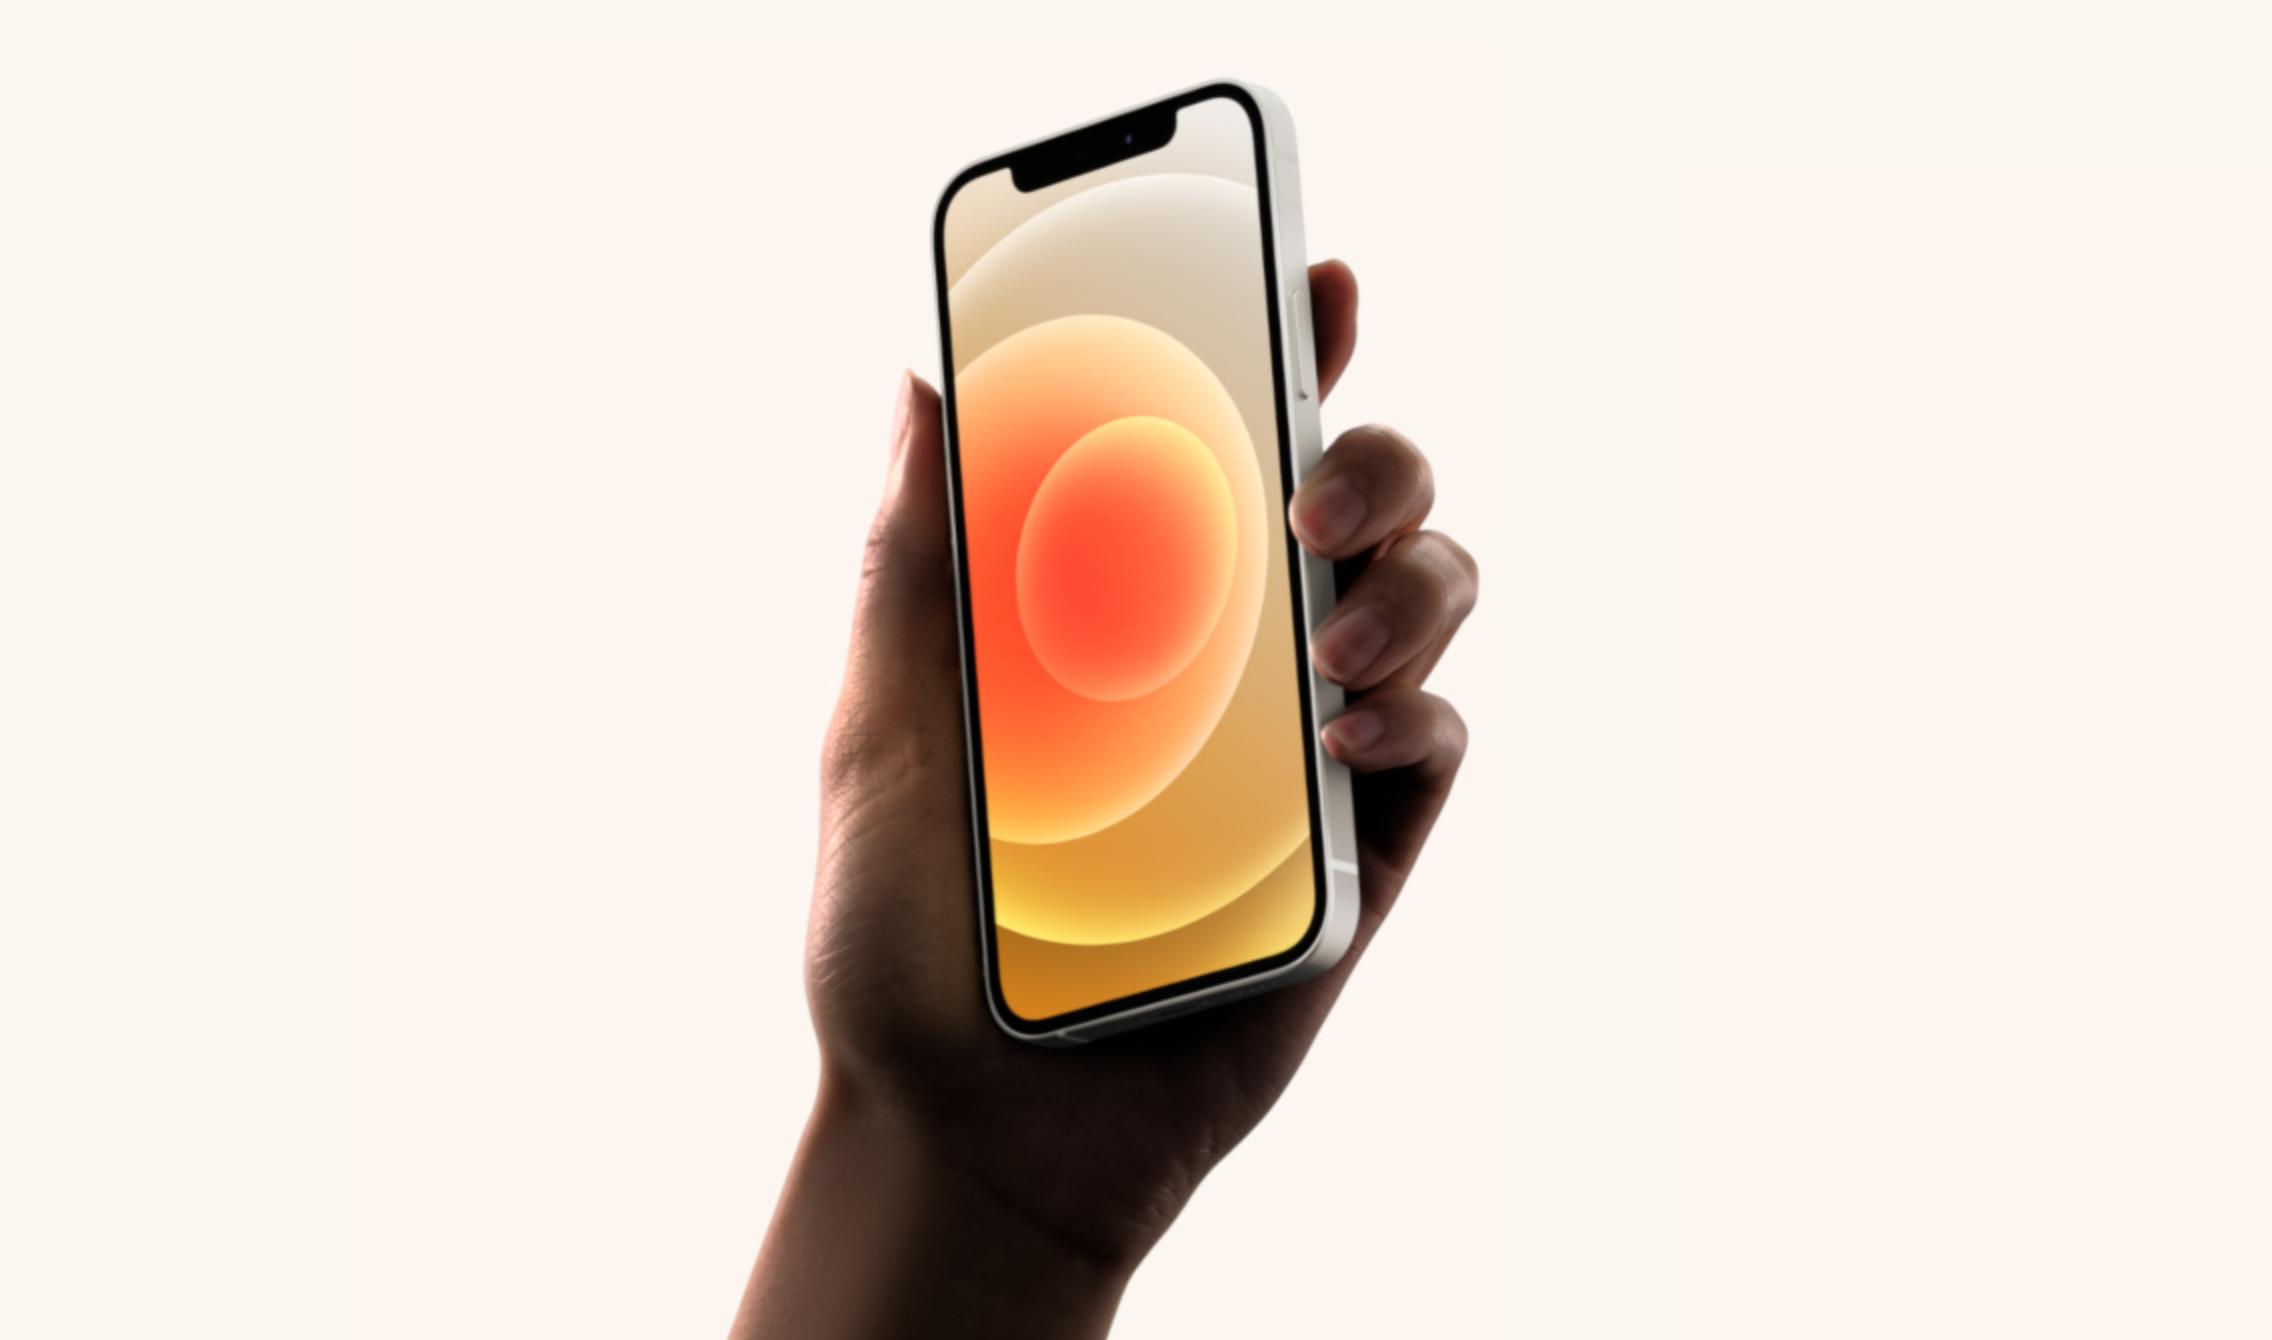 8-wichtige-Erkenntnisse-zum-iPhone-12-und-HomePod-mini-